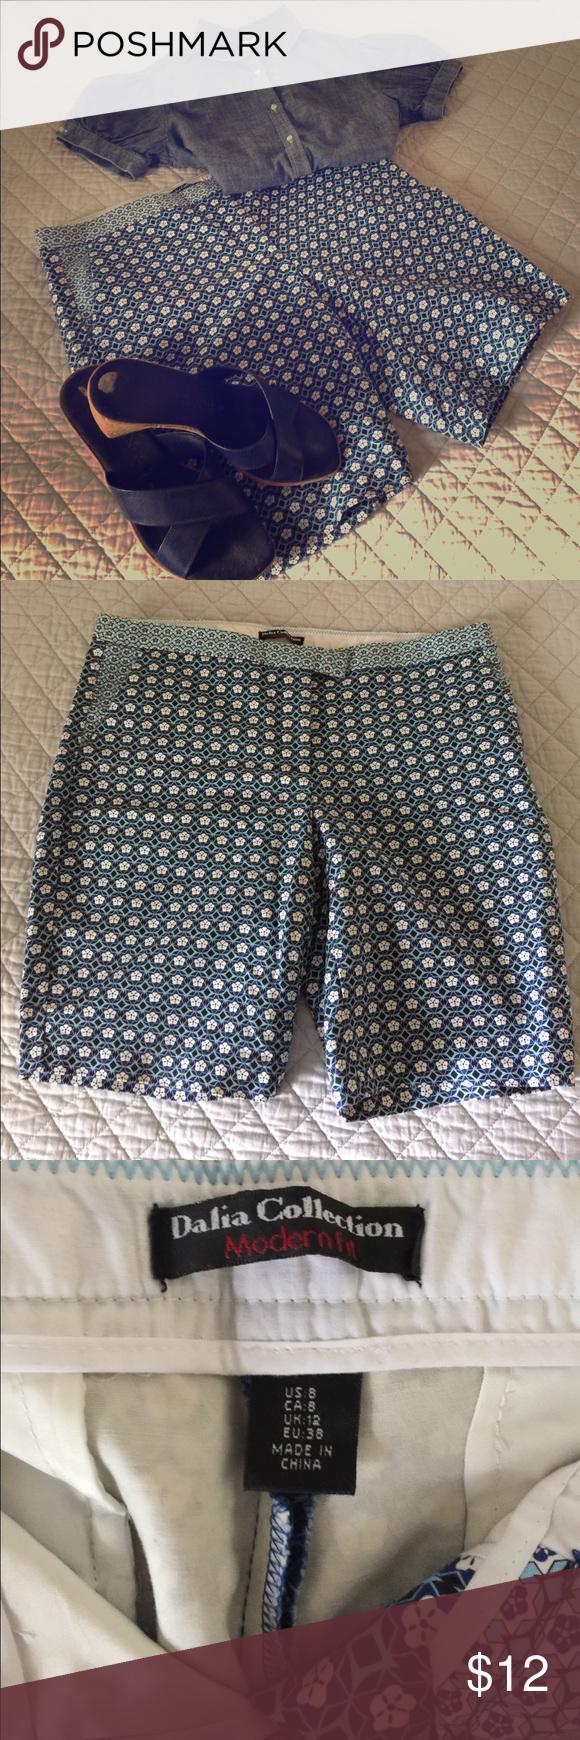 dalia collection bermuda shorts -